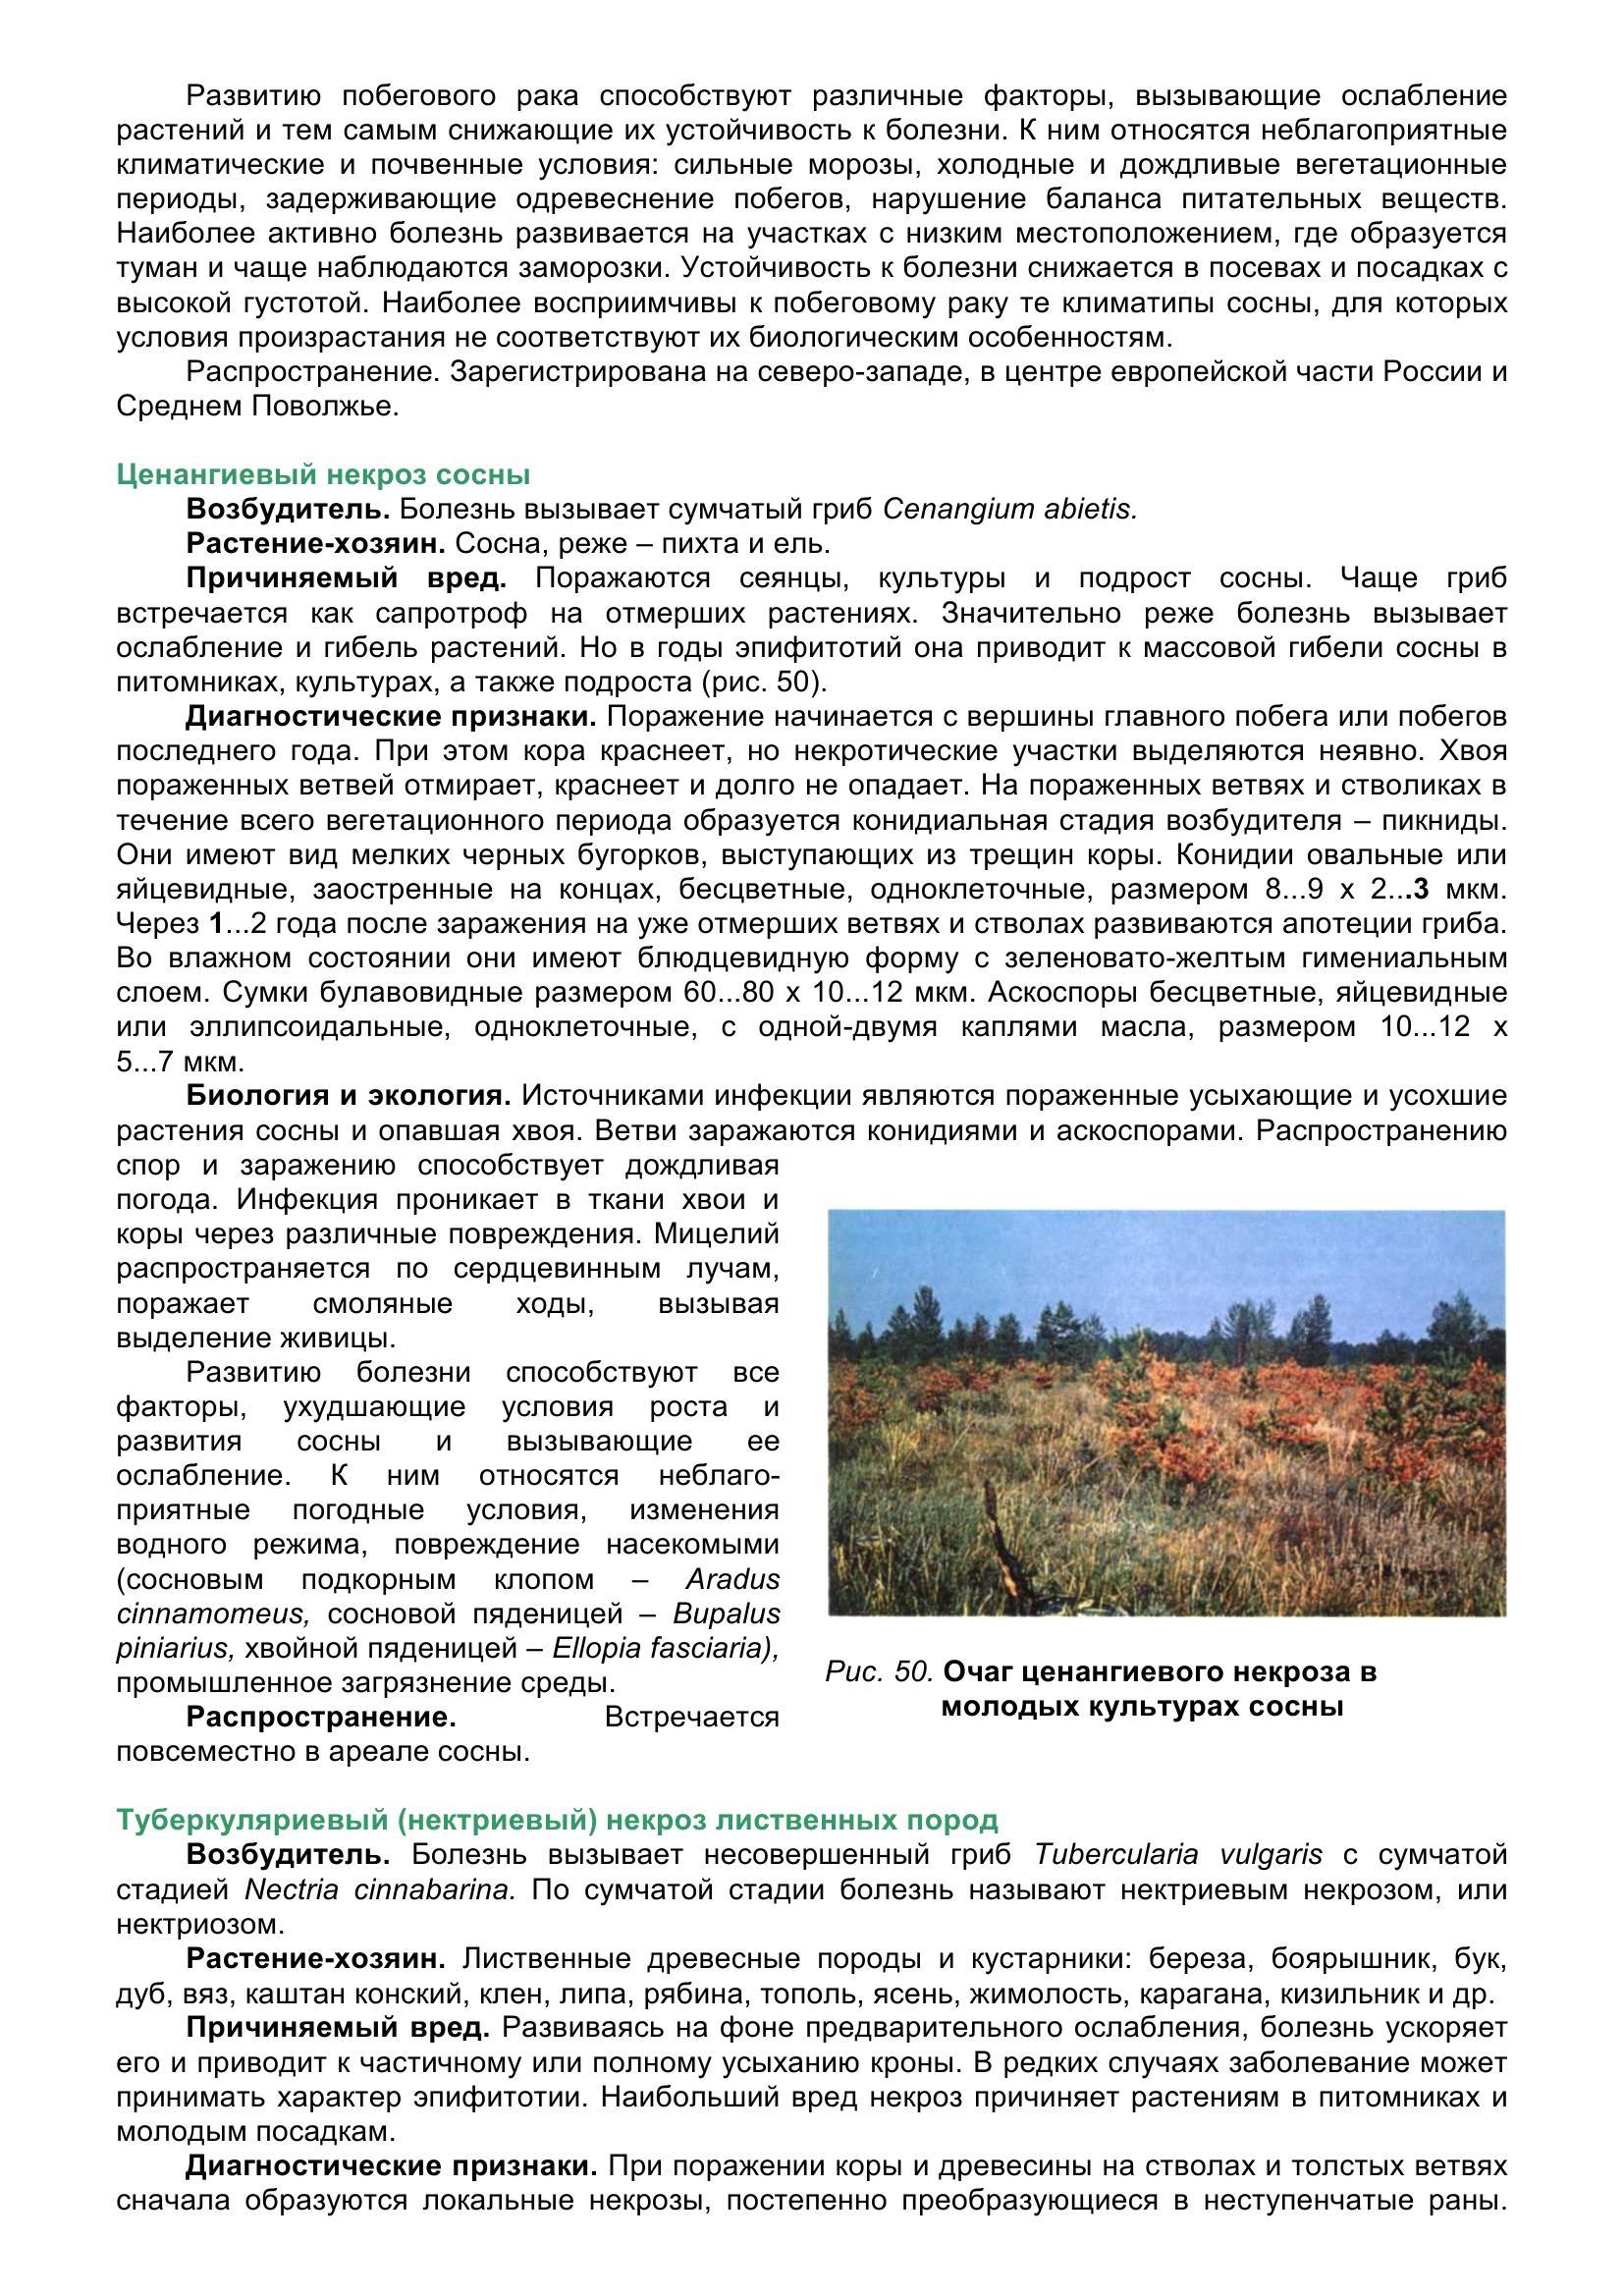 Болезни_древесных_растений_063.jpg